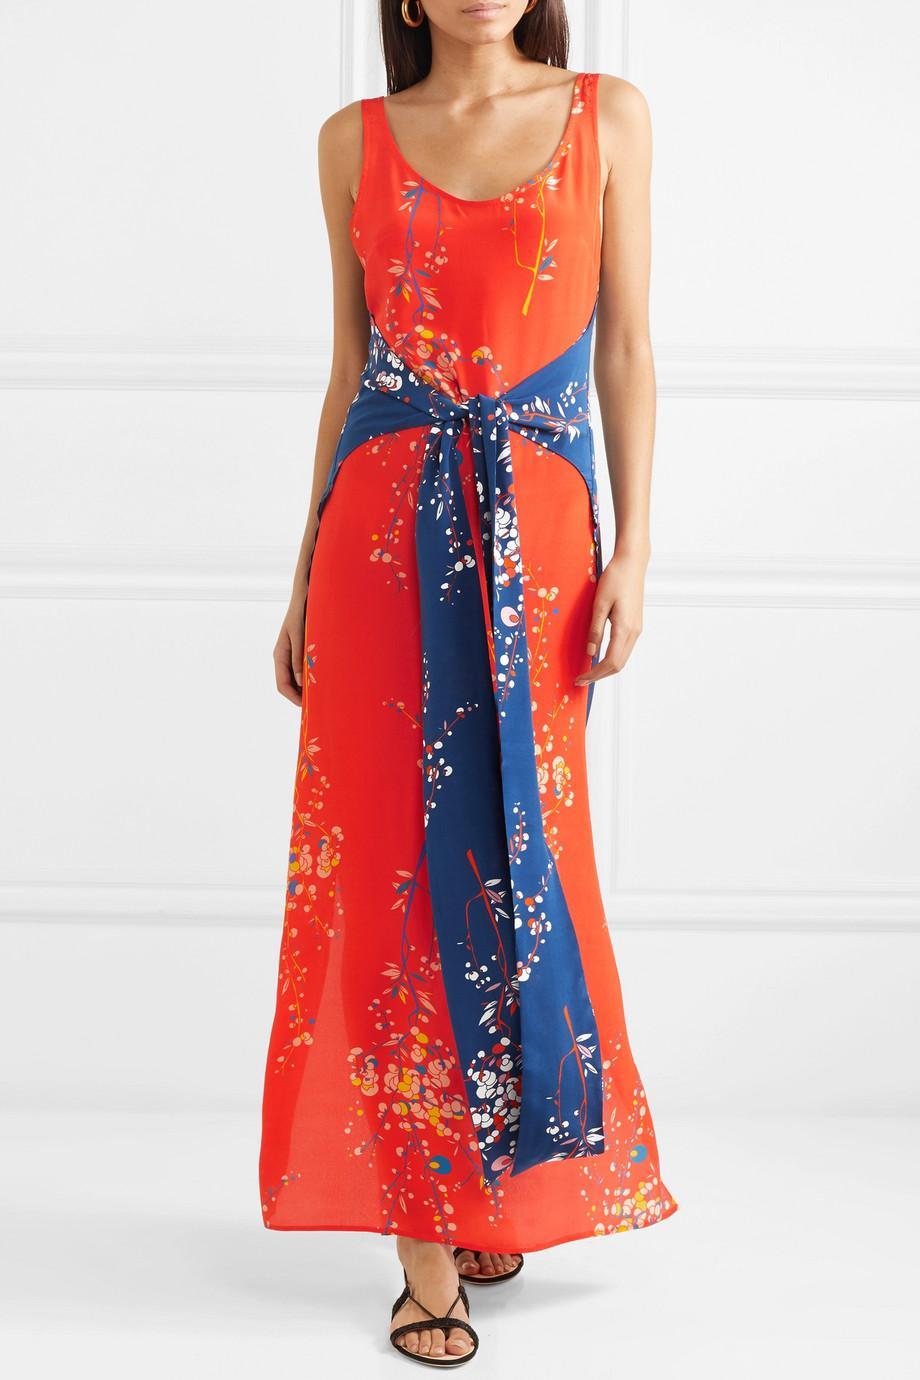 Elizabeth Paneled Floral-print Silk Crepe De Chine Maxi Dress - Coral Jaline 2xQHzr